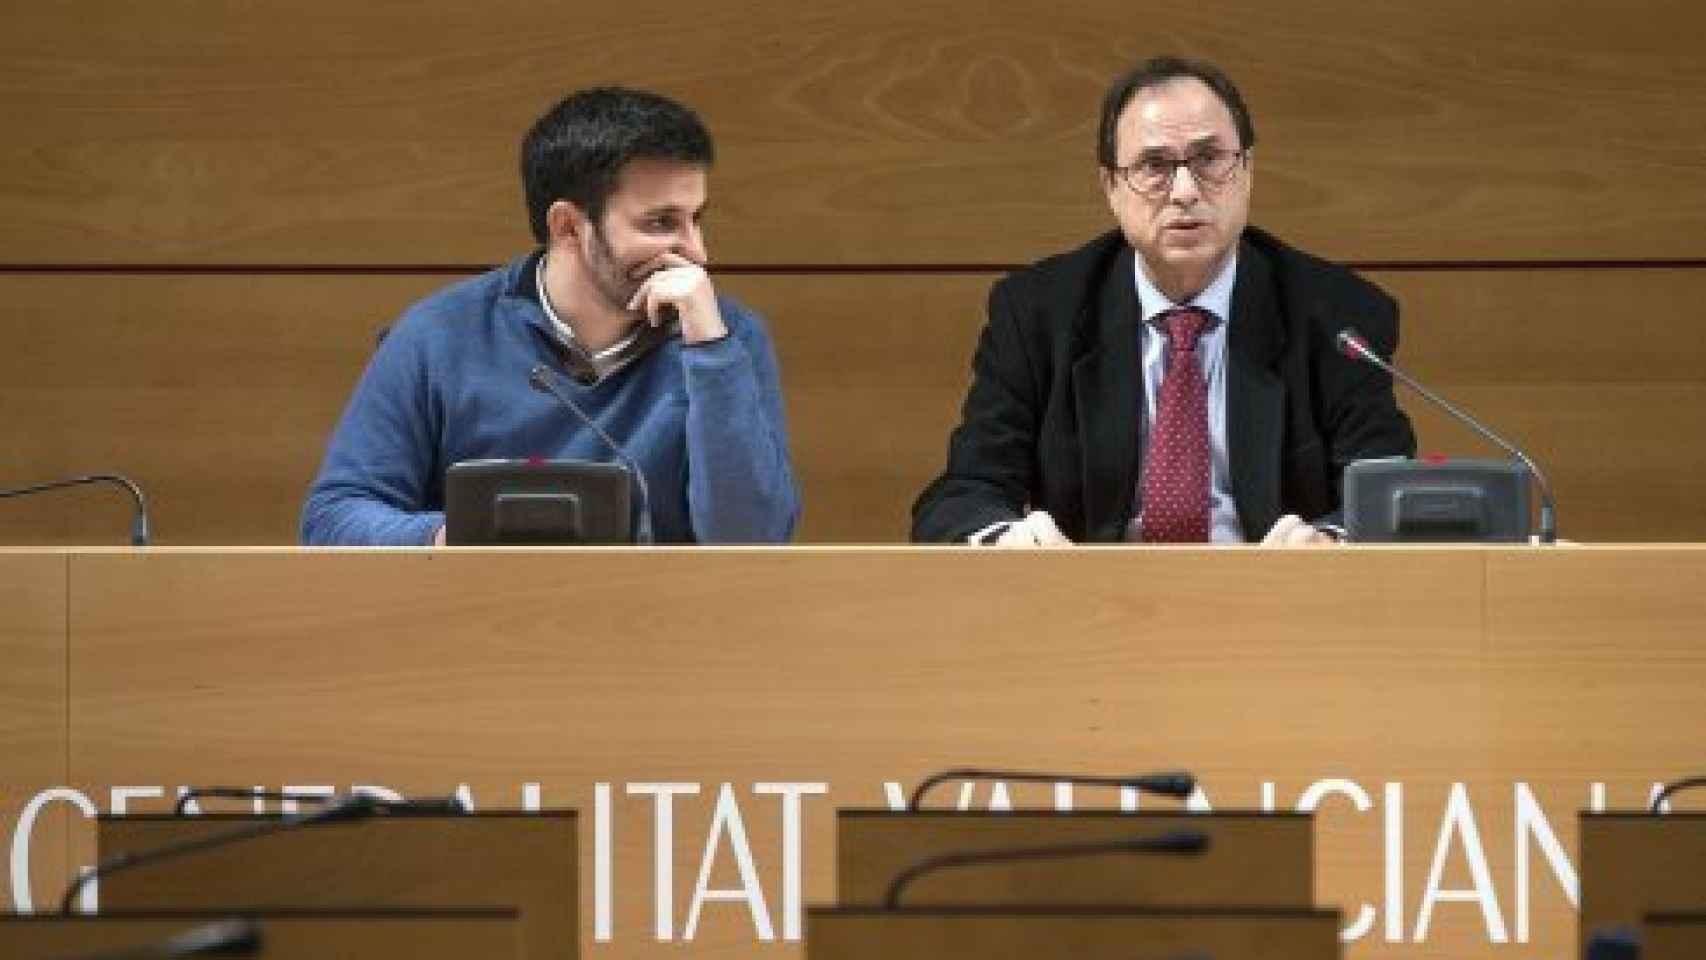 Vicent Marzá, consejero de Educación de la Comunidad Valenciana, a la izquierda.